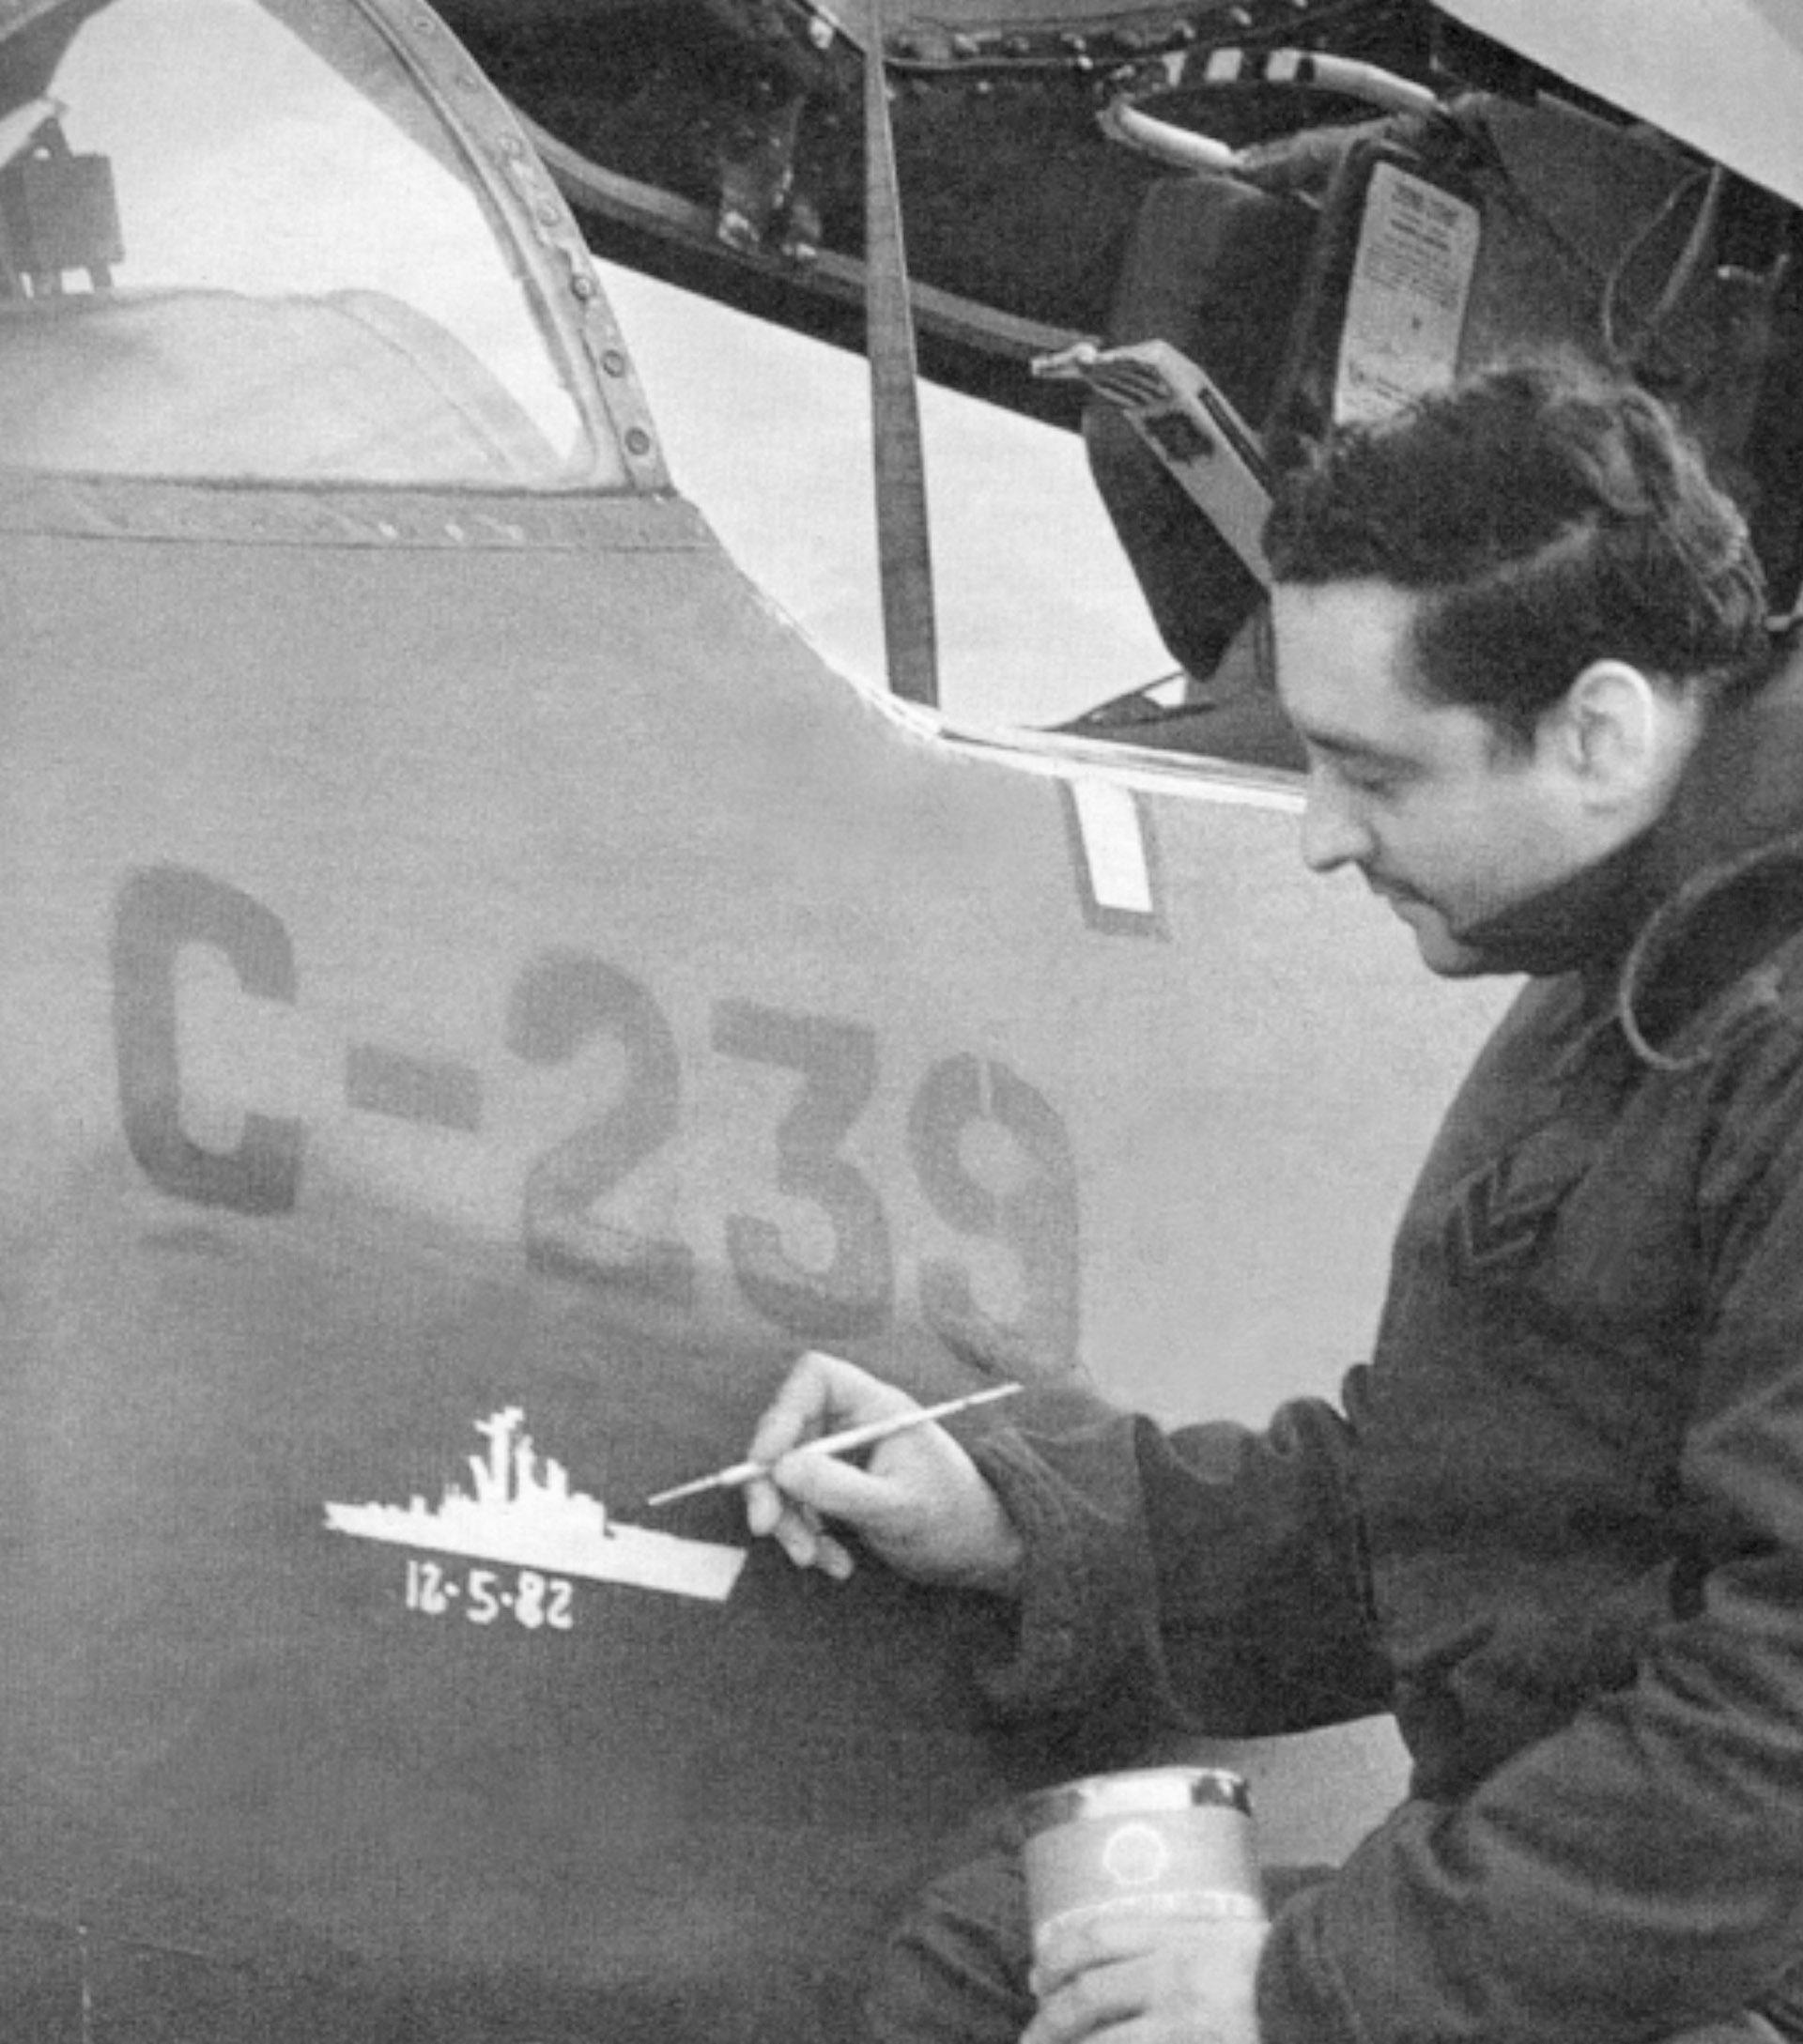 A la vieja usanza de los pilotos de la Segunda Guerra Mundial, un suboficial pinta en el costado del A4B C-239 la silueta de la fragata Brilliant, atacada el 12 de mayo de 1982 (Foto:Fuerza Aérea Argentina)